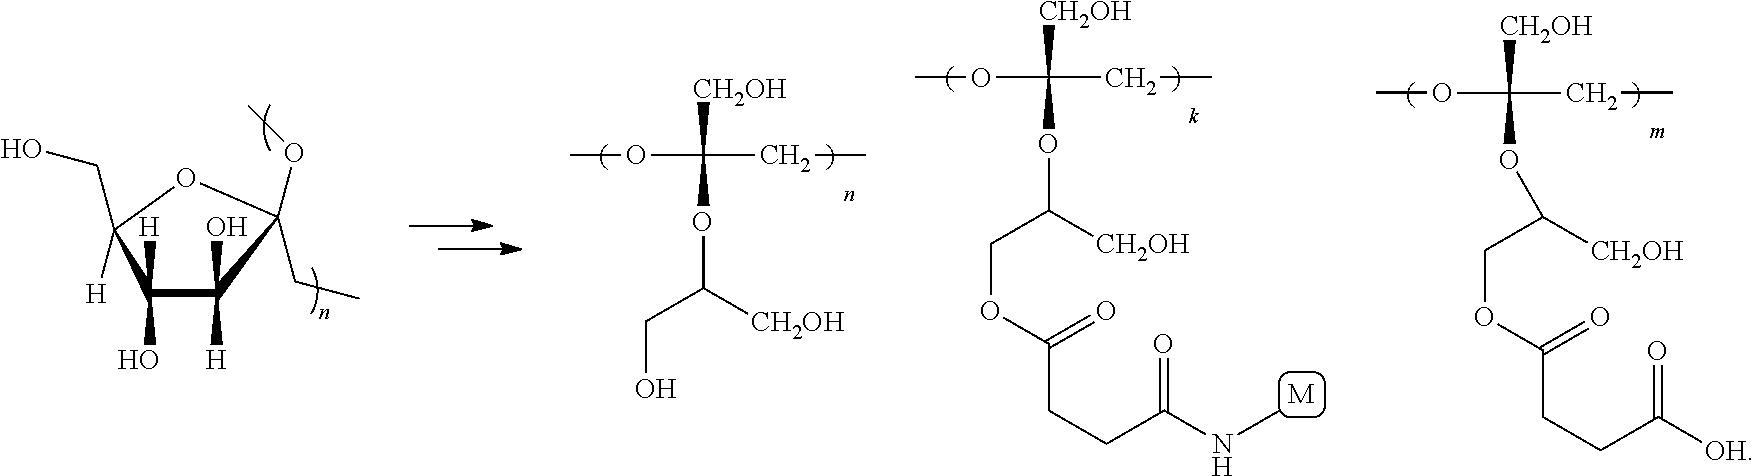 Figure US08247427-20120821-C00041